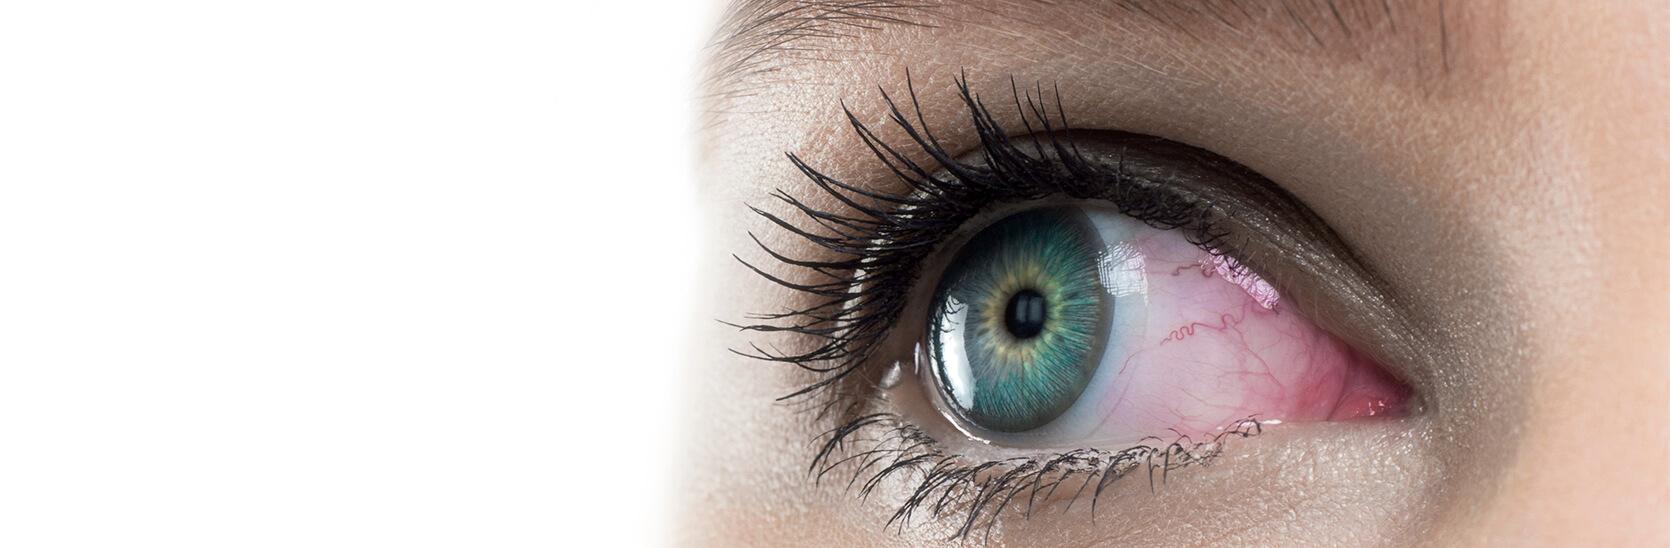 Lentillas y ojos rojos